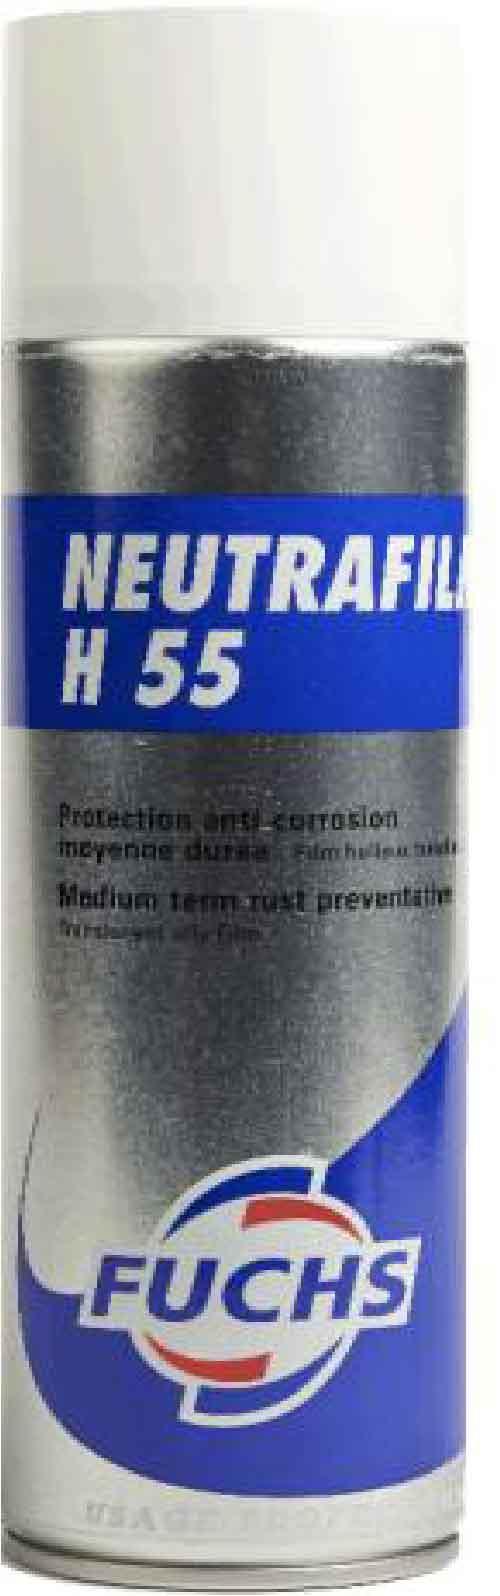 FUCHS LUBRIFIANT FRANCE - AEROSOL NEUTRAFILM H55